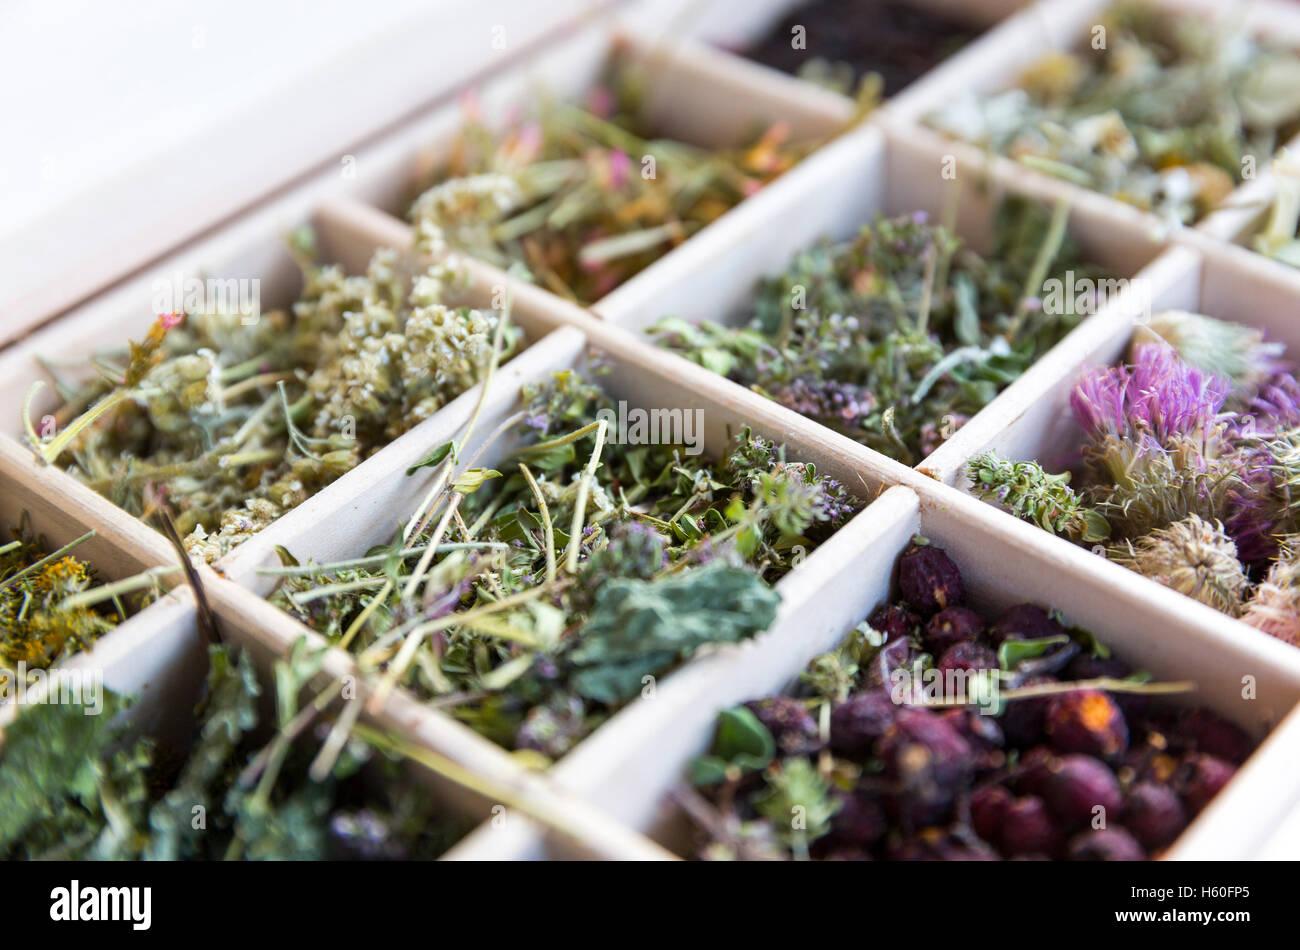 Diferentes hierbas secas en una caja de té de madera. Imagen De Stock